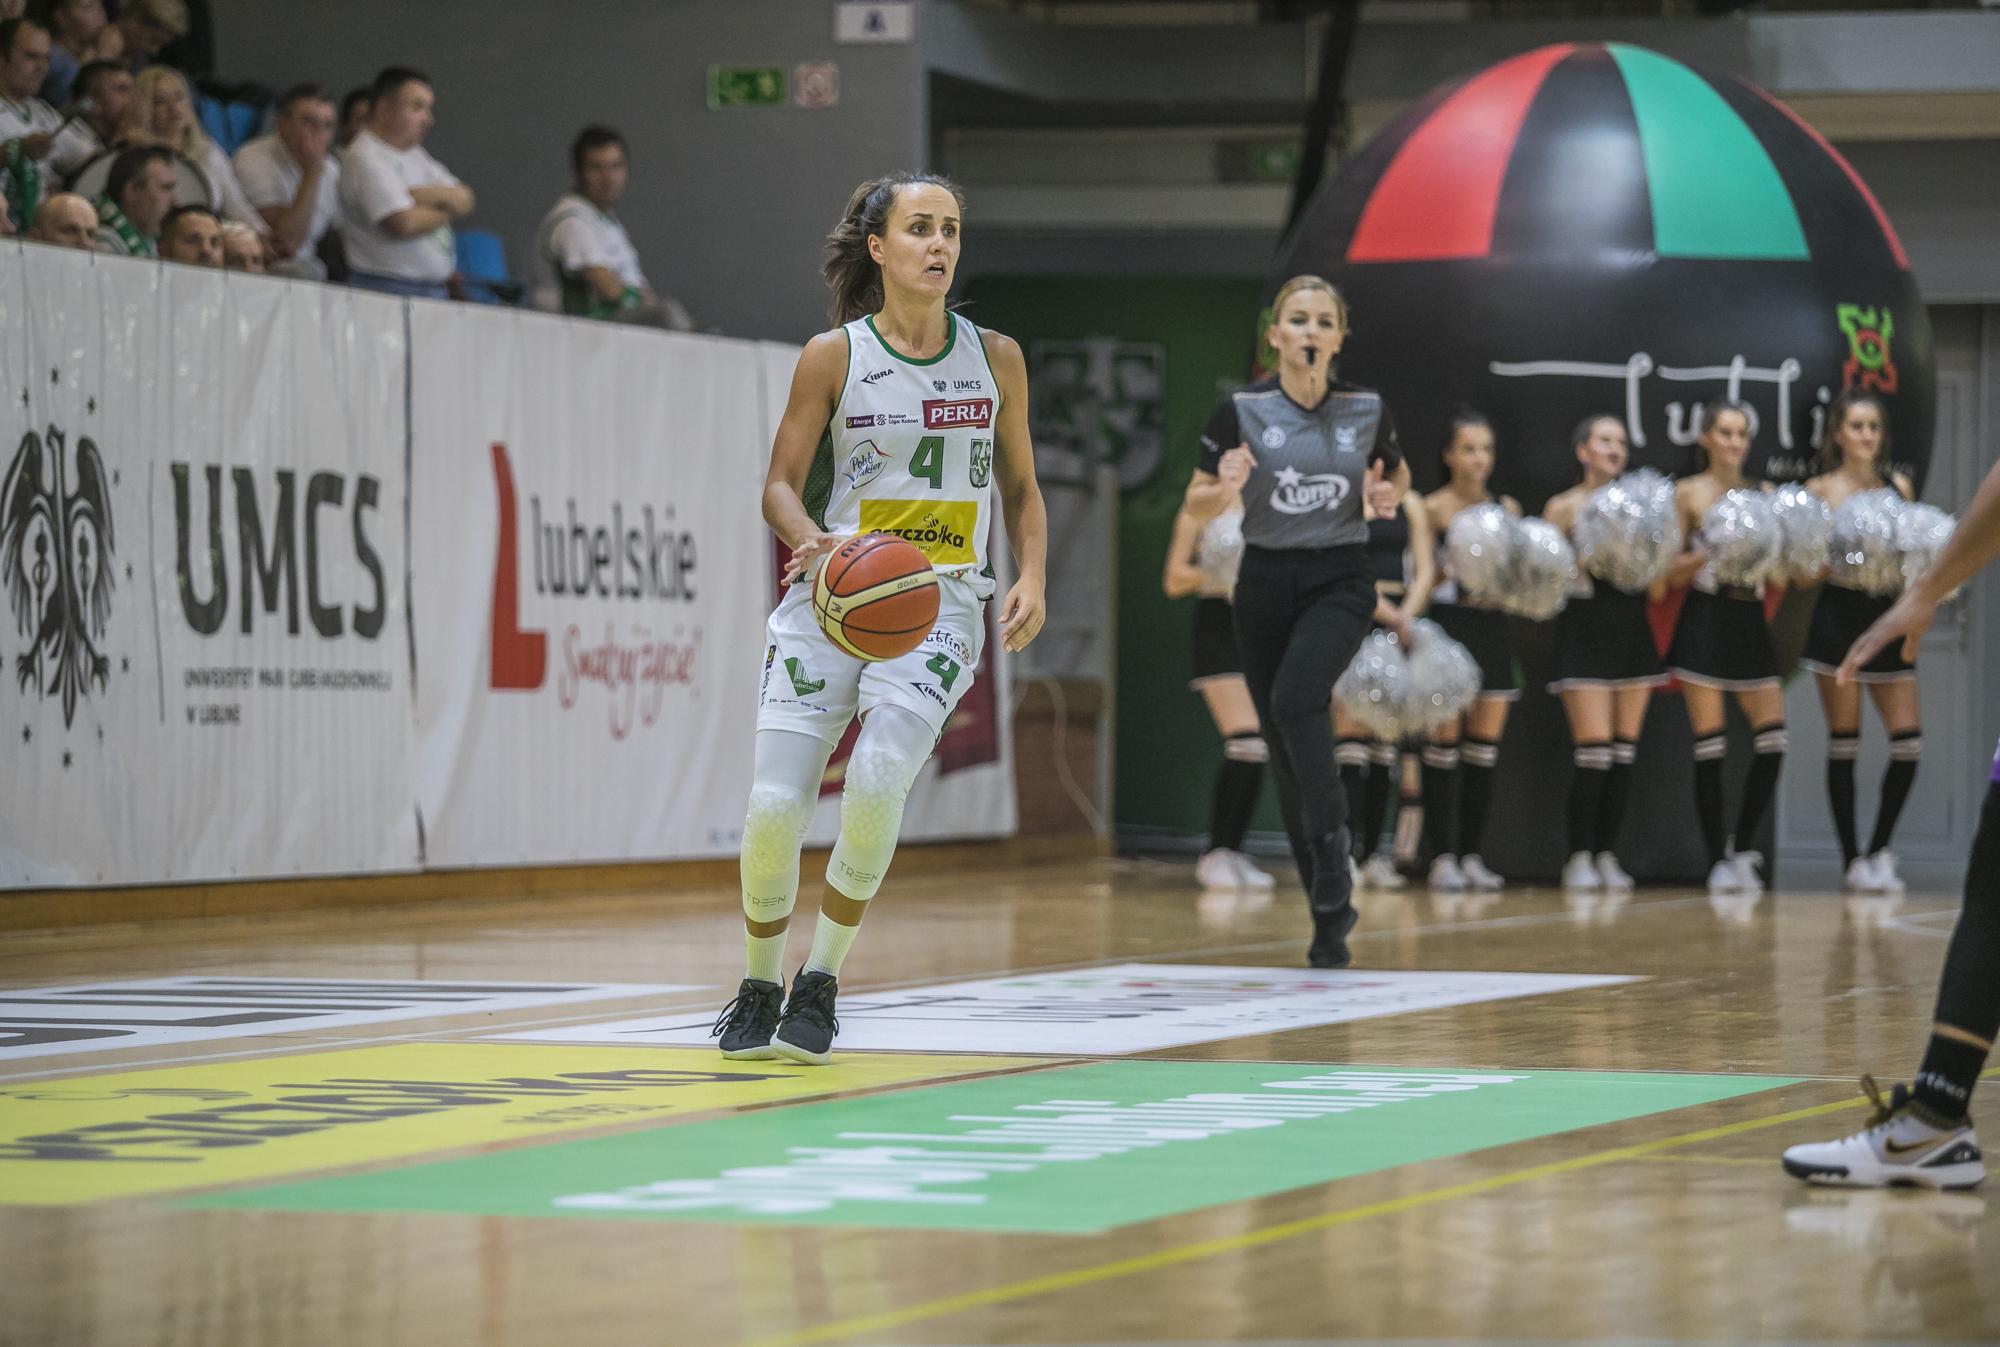 Basket 25 Bydgoszcz ‒ Pszczółka Polski Cukier AZS UMCS Lublin87-77